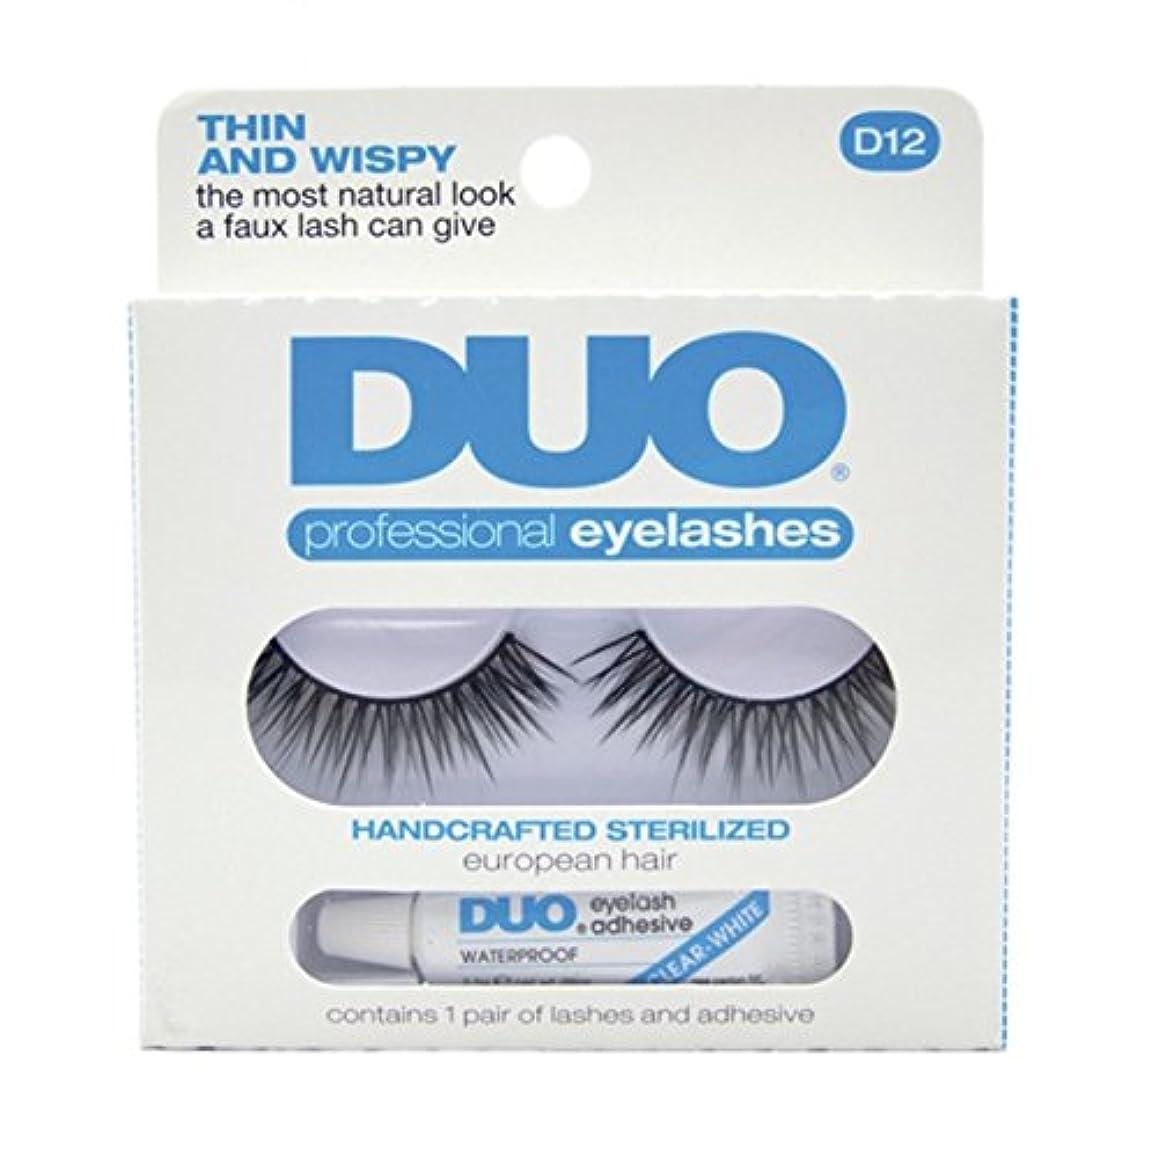 先住民タンパク質先のことを考えるDUO Eyelash Adhesive Think and Wispy D12 Eyelashes Thin and Wispy (並行輸入品)